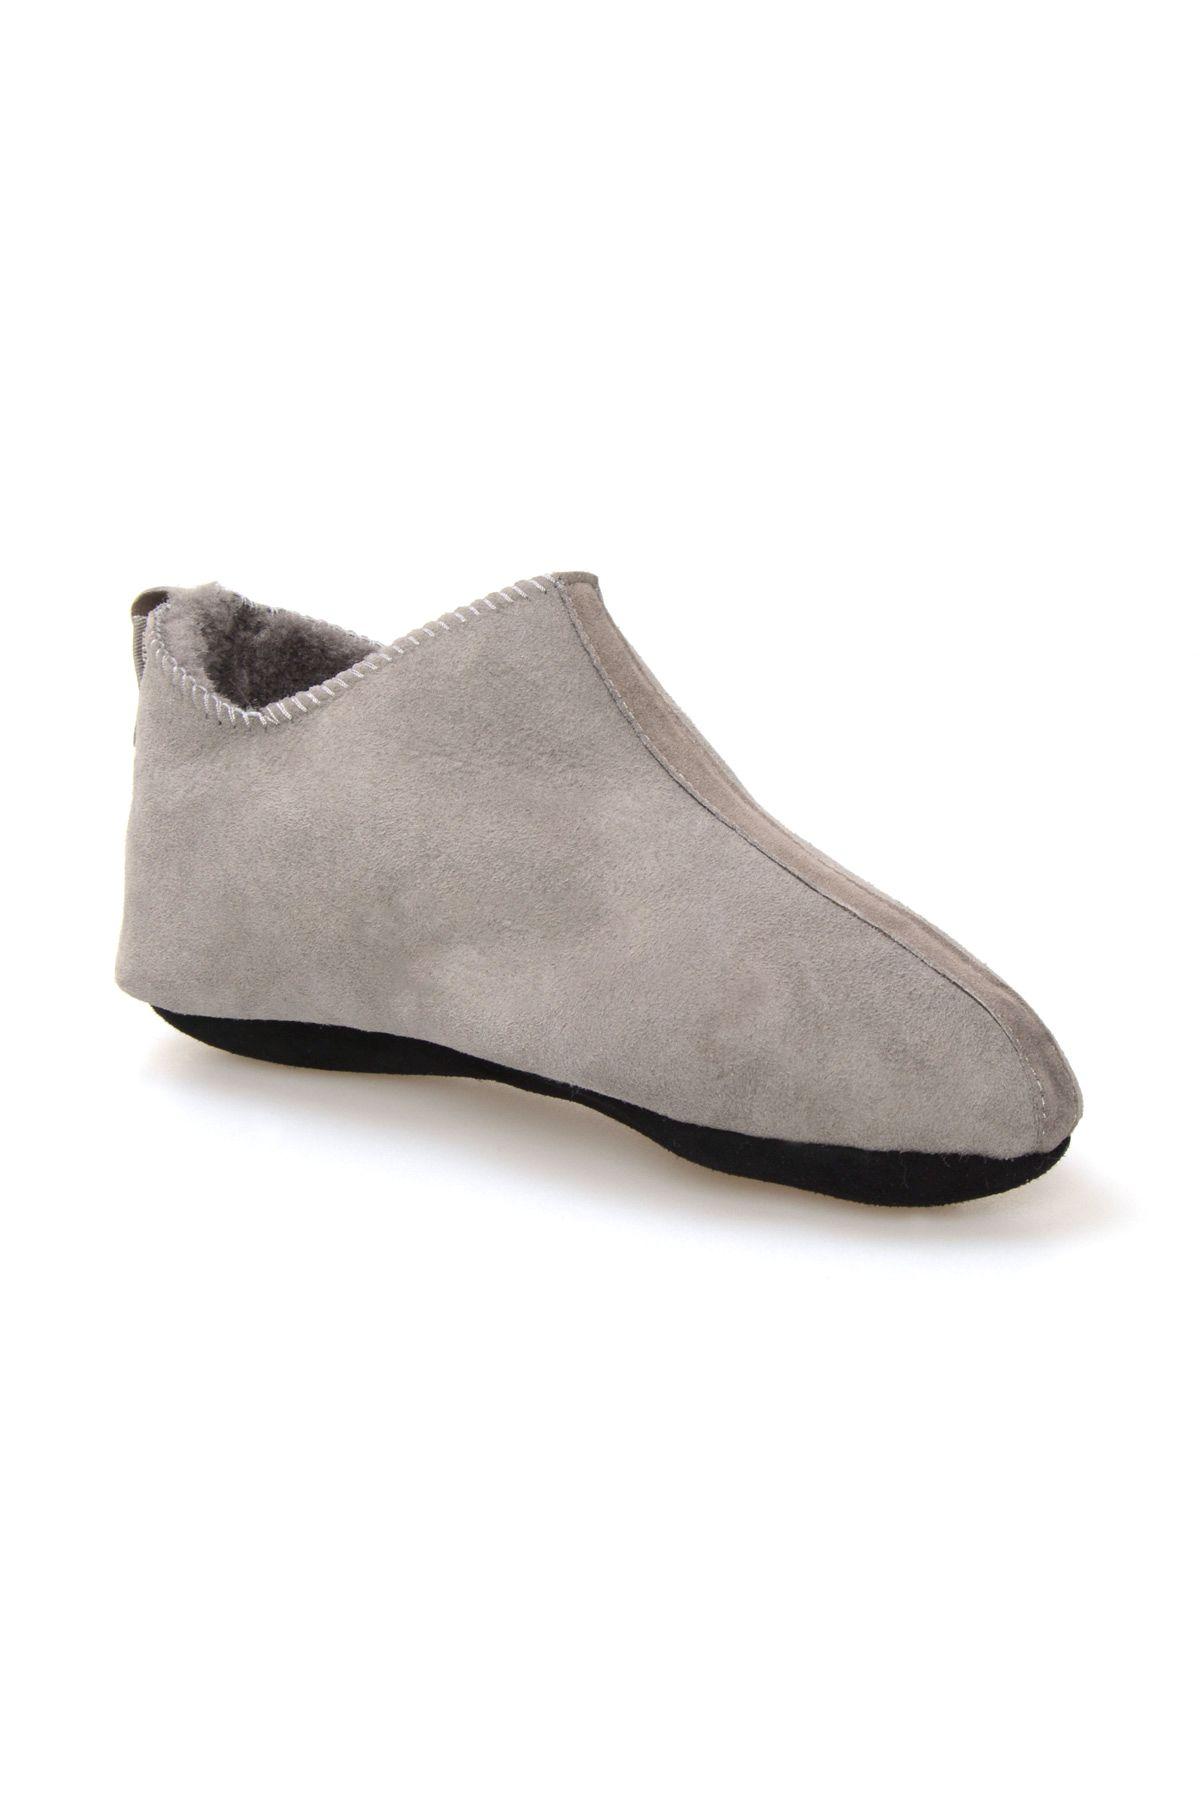 Pegia Hakiki Süet İçi Kürk Bayan Ev Ayakkabısı 191094 Açık Gri